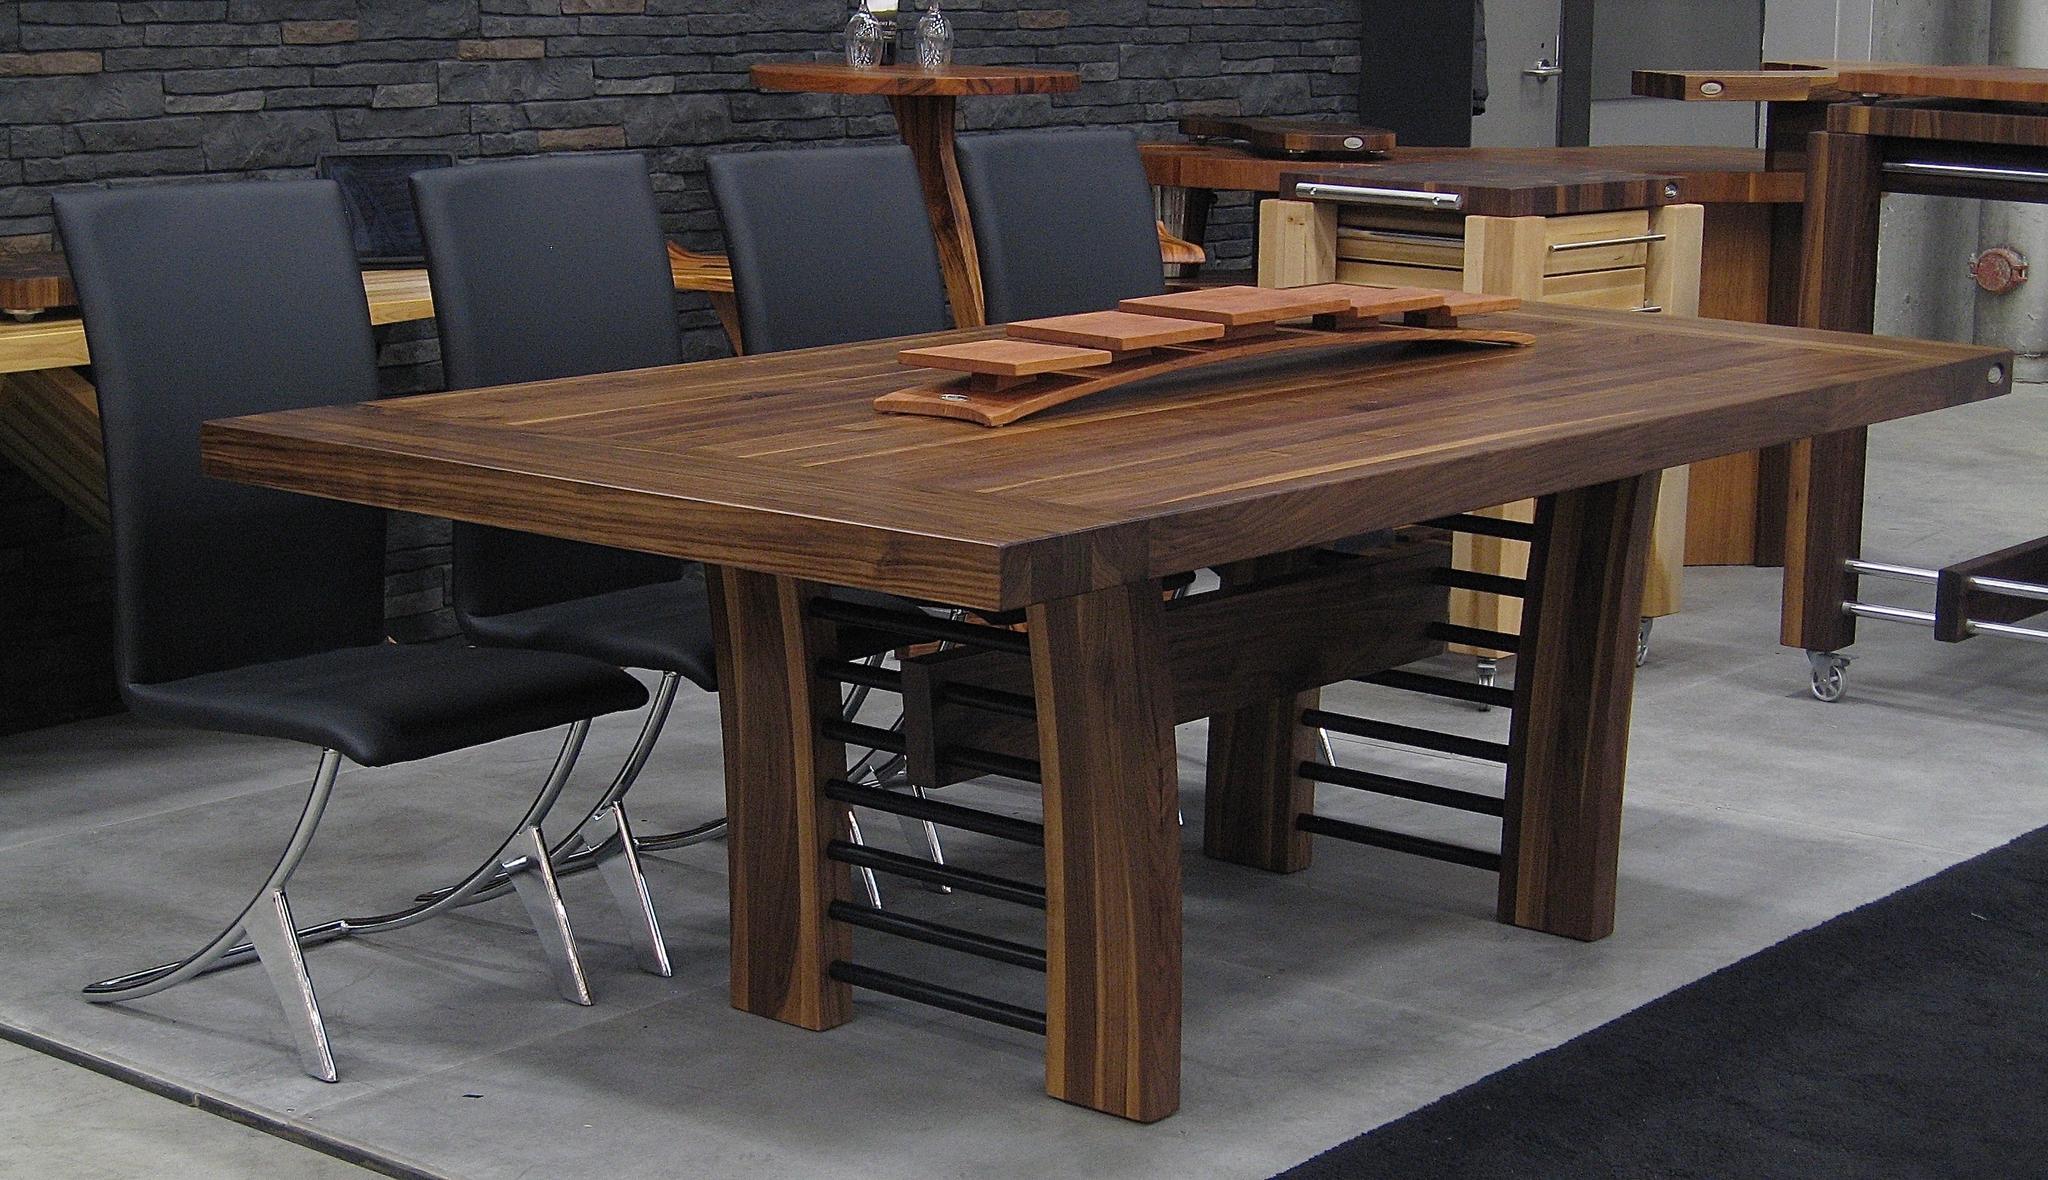 Tables en bois massif signature st phane dion - Cuisine but signature ...